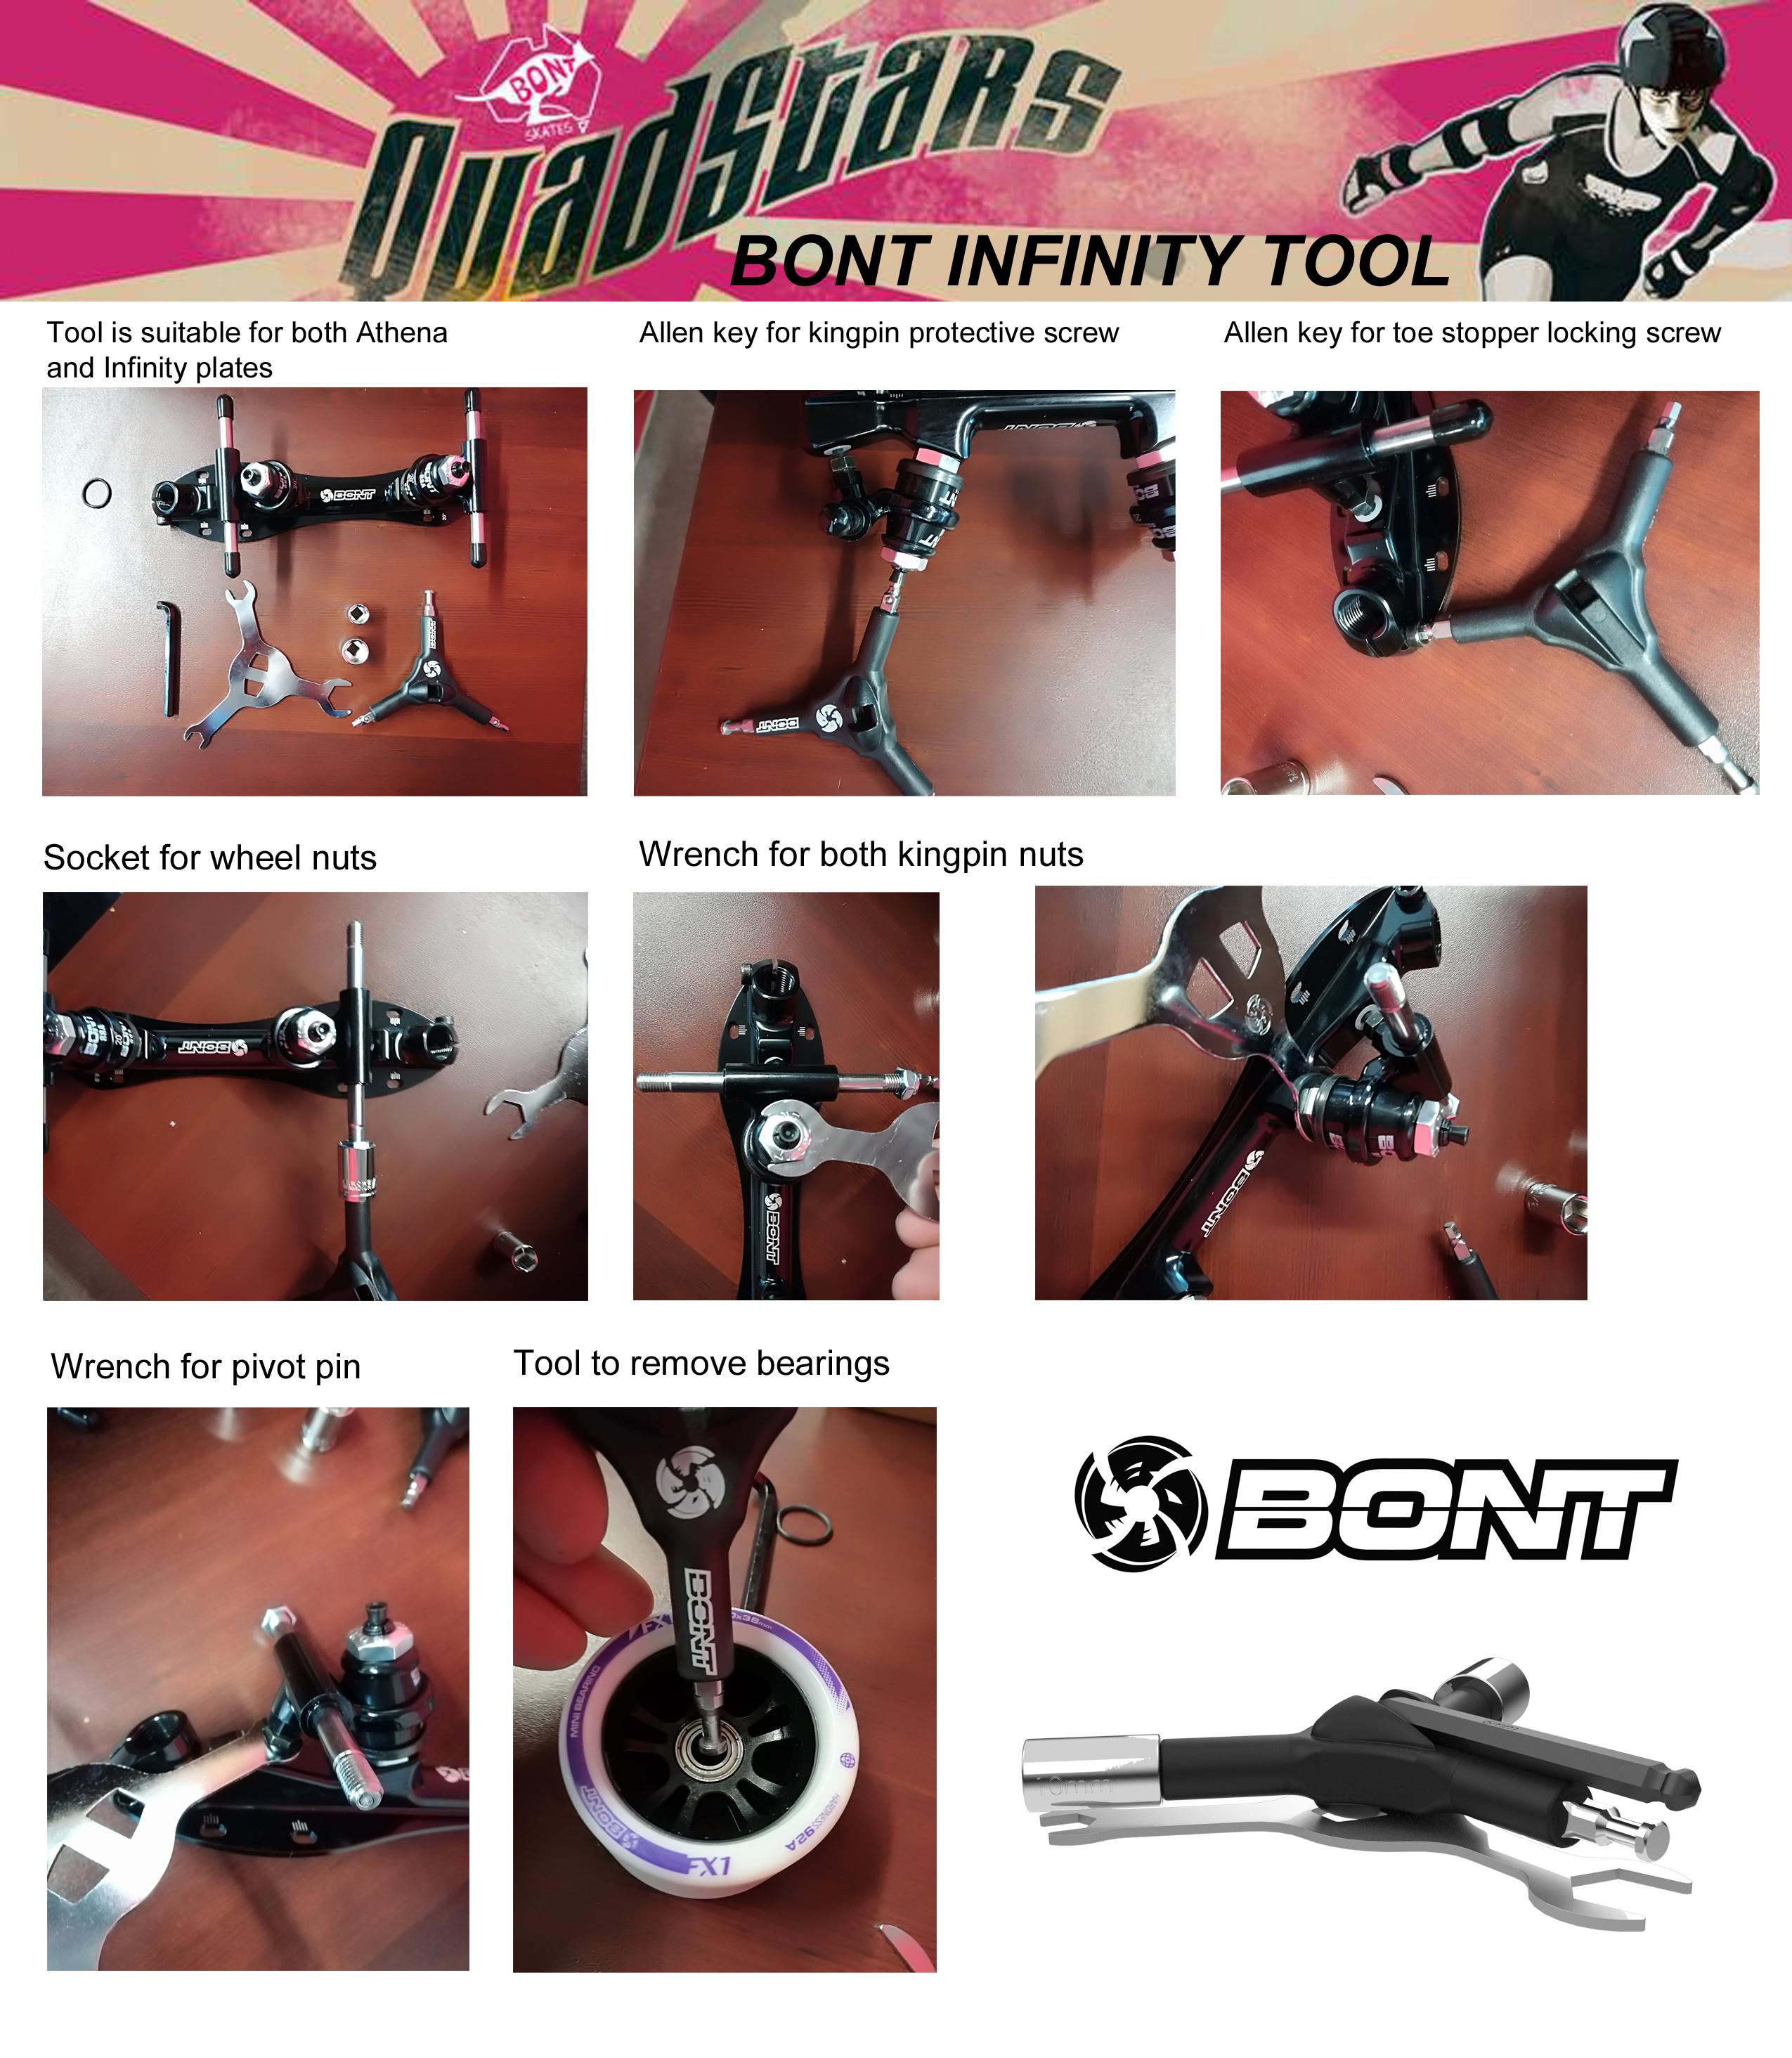 bont-infinity-tool-explained.jpg